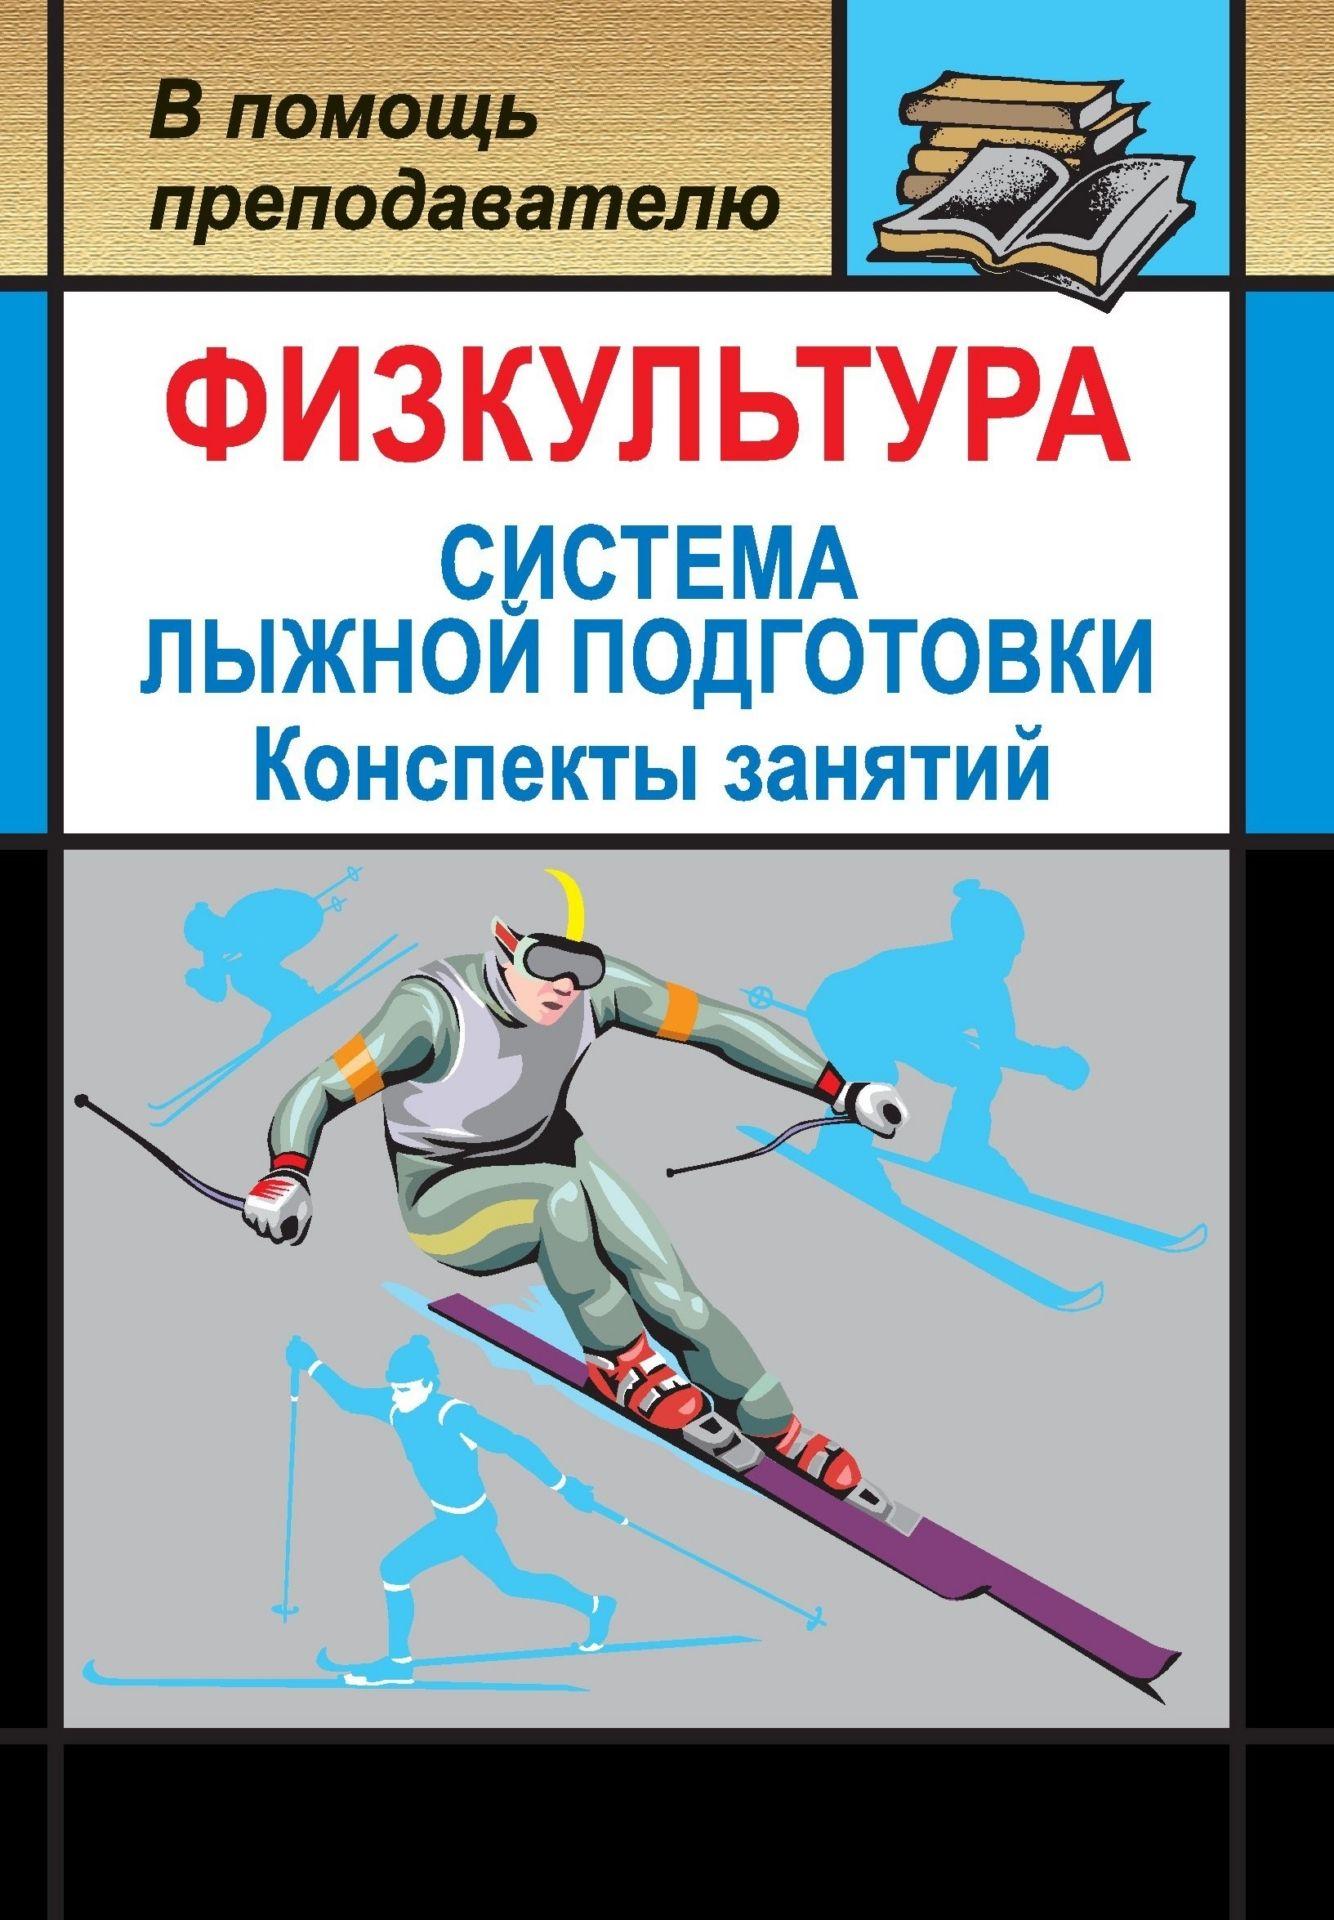 Физкультура. Система лыжной подготовки детей и подростков: конспекты занятийПредметы<br>В пособии представлены разработки занятий по лыжной подготовке учащихся, составленные в соответствии с требованиями общеобразовательной программы физического воспитания, включающие основные компоненты учебно-тренировочной работы: способы и приемы передвиж...<br><br>Авторы: Видякин М. В.<br>Год: 2008<br>Серия: В помощь преподавателю<br>ISBN: 978-5-7057-0818-5<br>Высота: 195<br>Ширина: 140<br>Толщина: 7